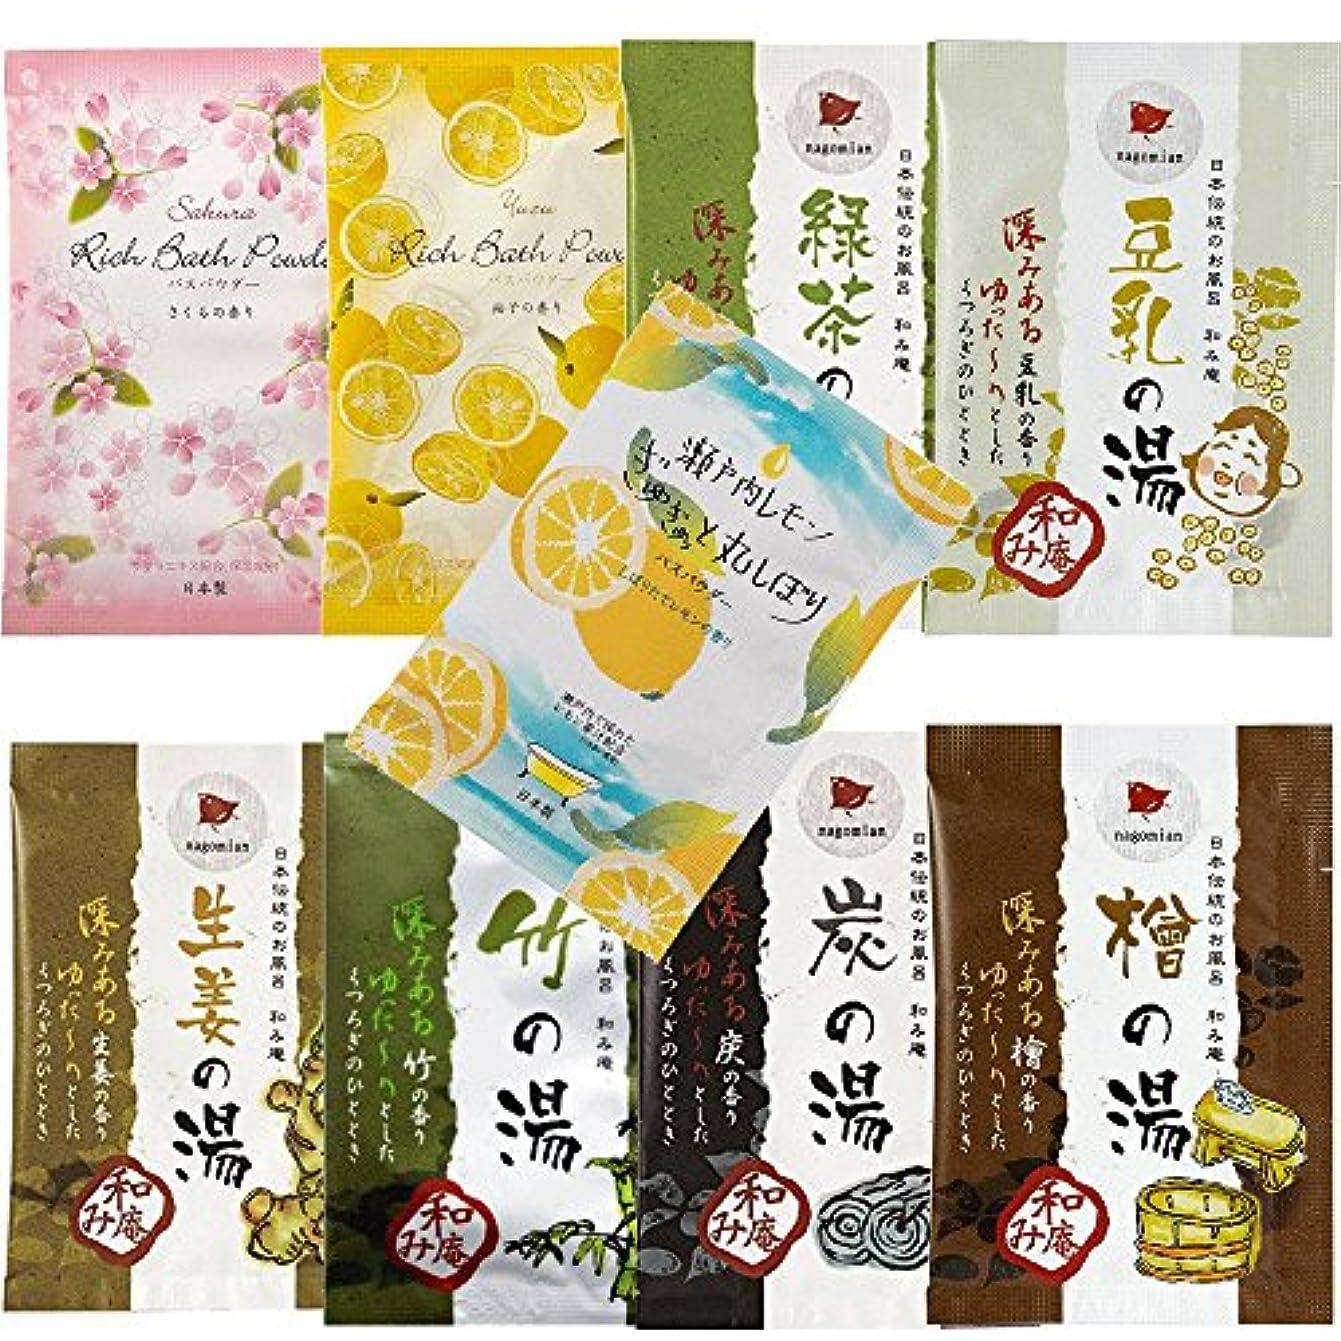 日本伝統のお風呂 和み庵 6種類 + バスパウダー 3種類セット 和風入浴剤 9包セット